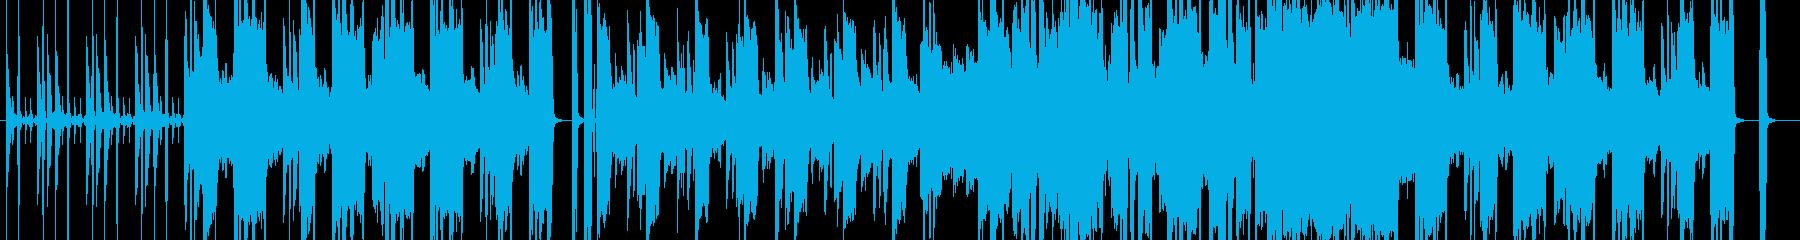 おしゃれネオソウル・R&Bの再生済みの波形